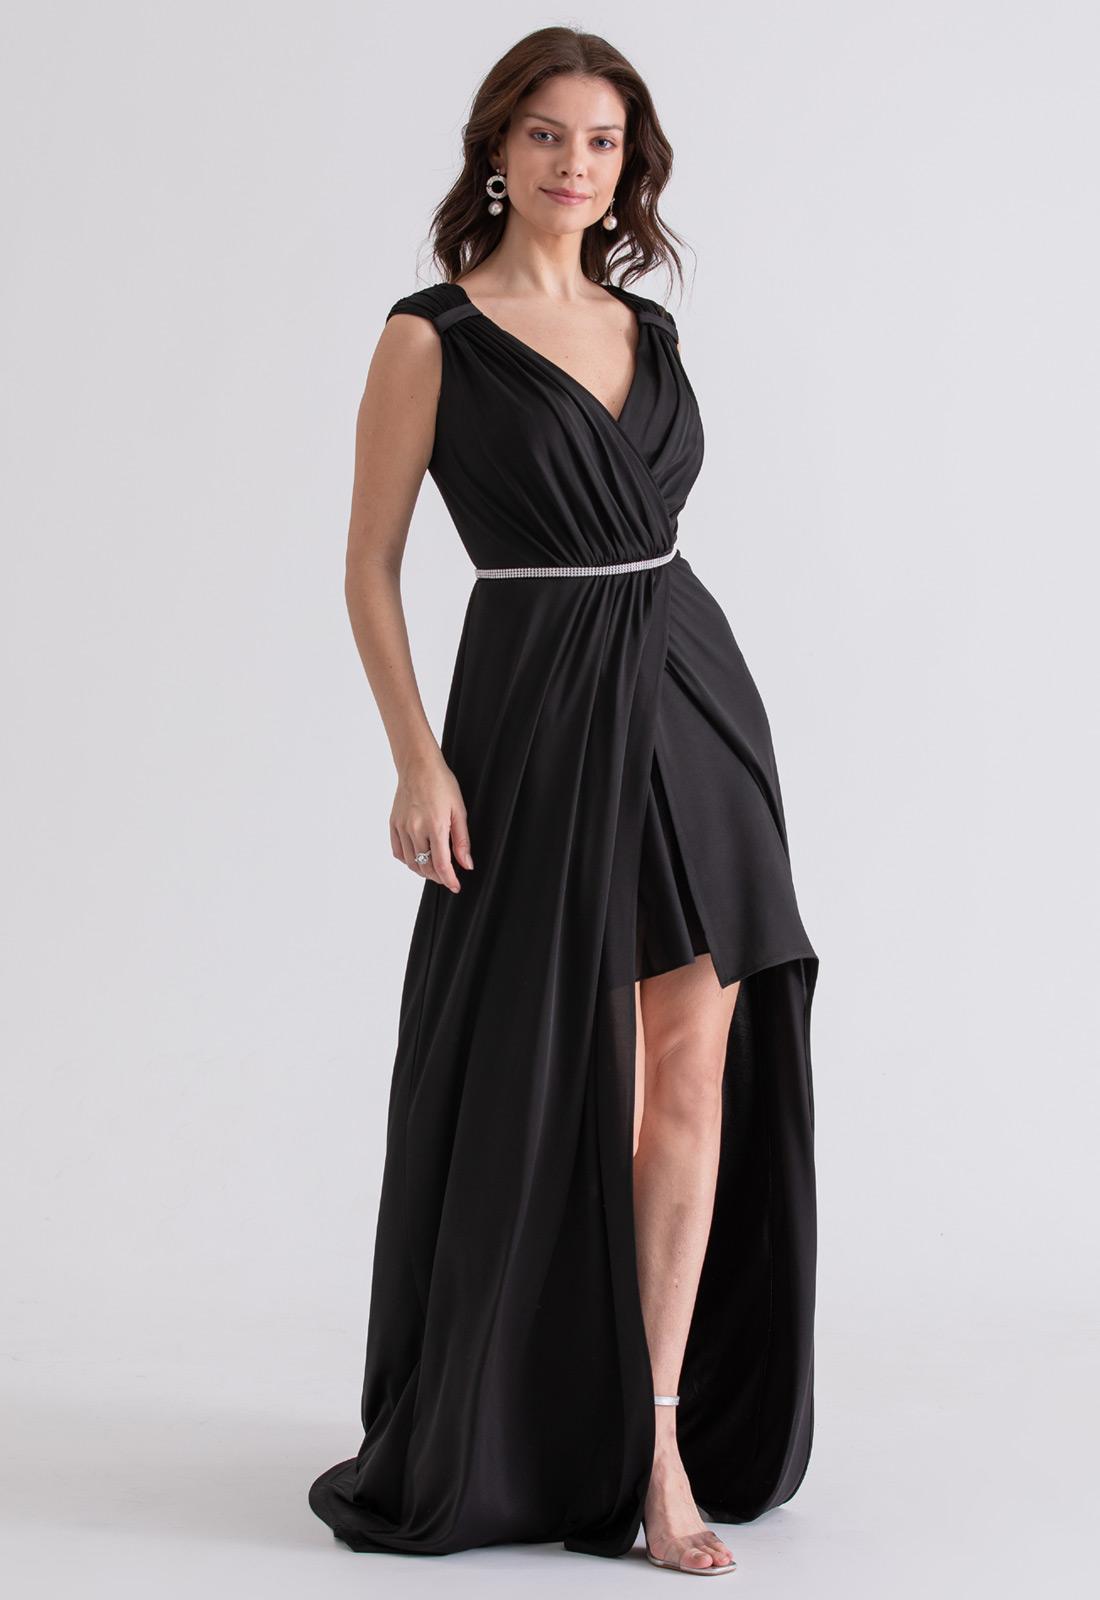 Vestido de festa preto deusa grega - Ref. 2314